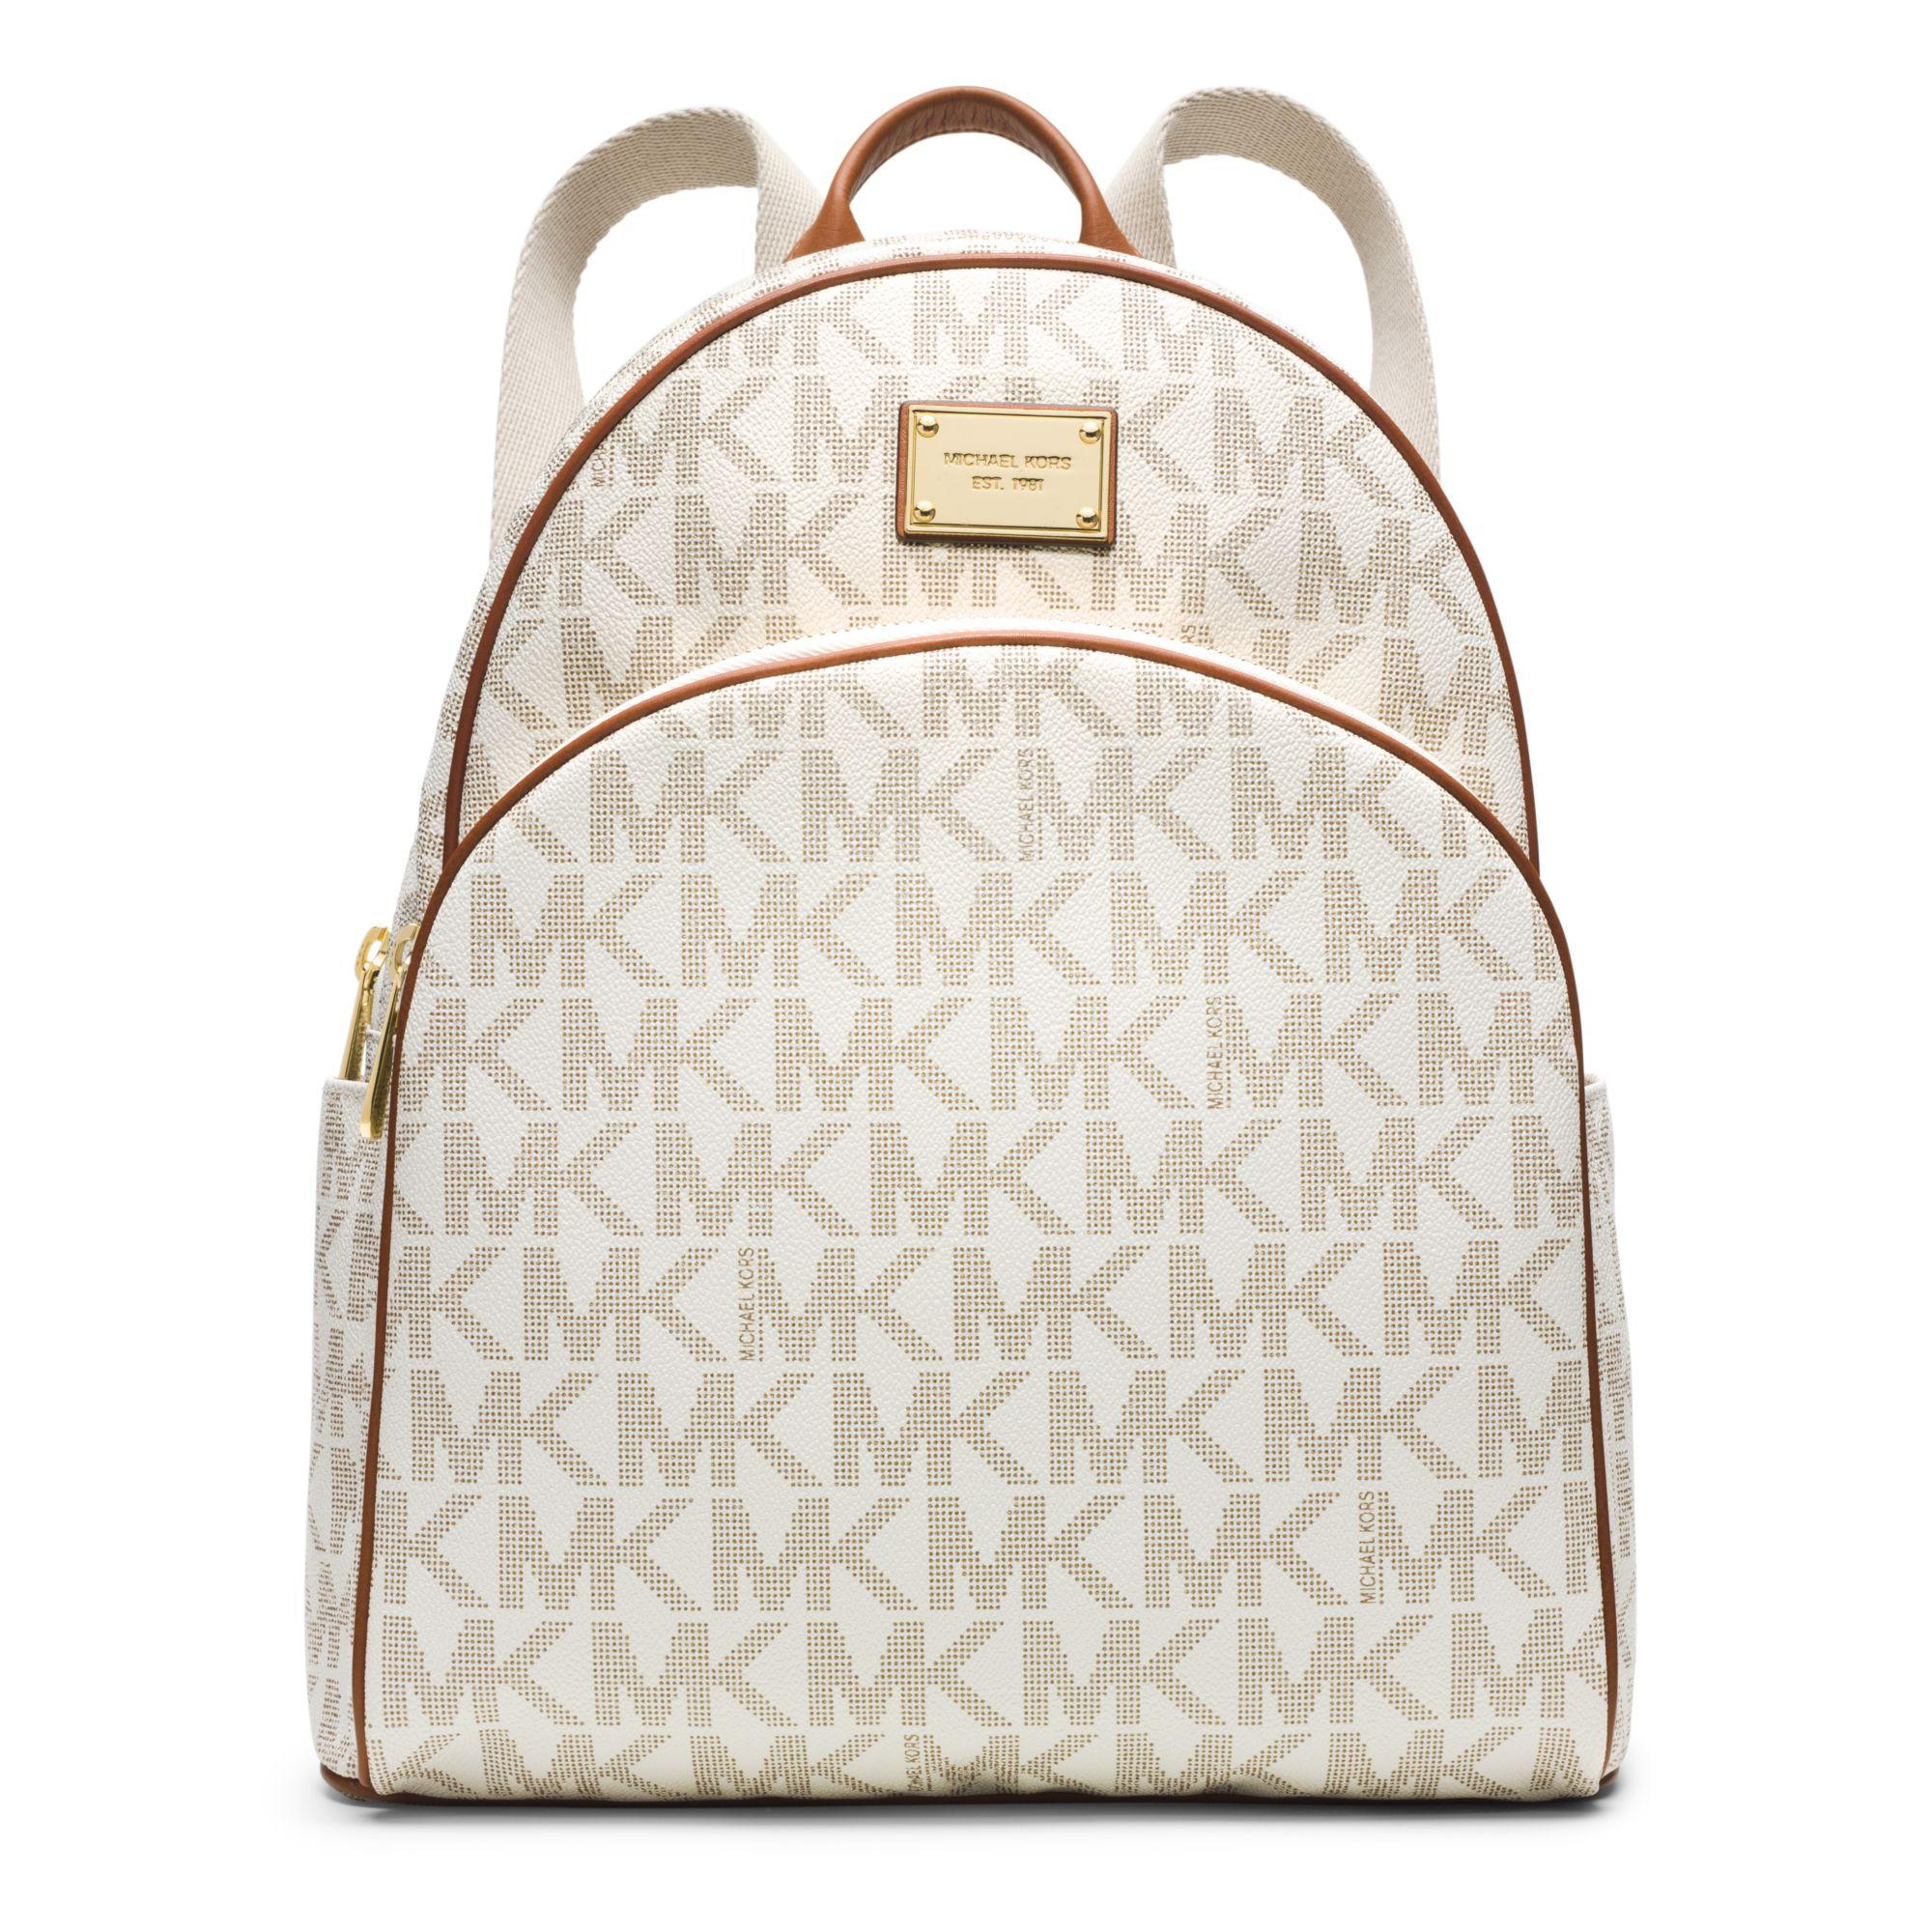 3e590c5bc755 ... greece michael kors jet set travel logo backpack in natural lyst 87eba  e4b00